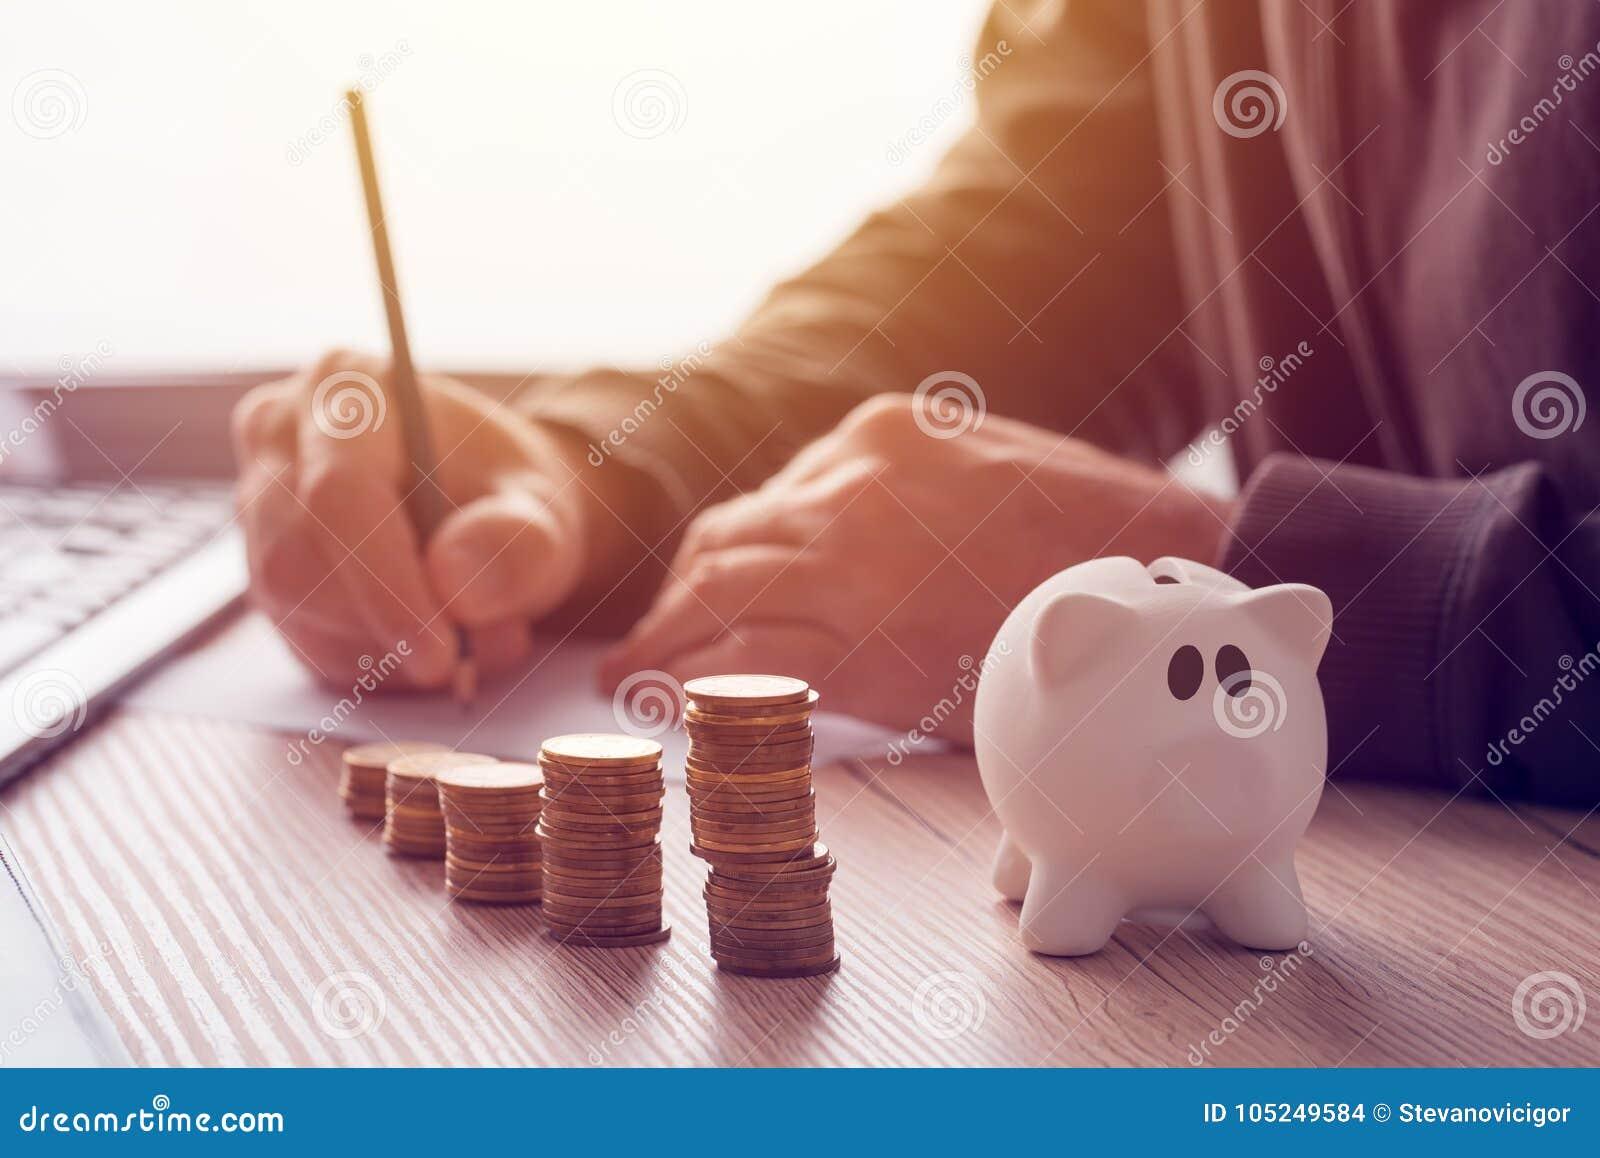 Savings, finanse, gospodarka i dom, budżetują